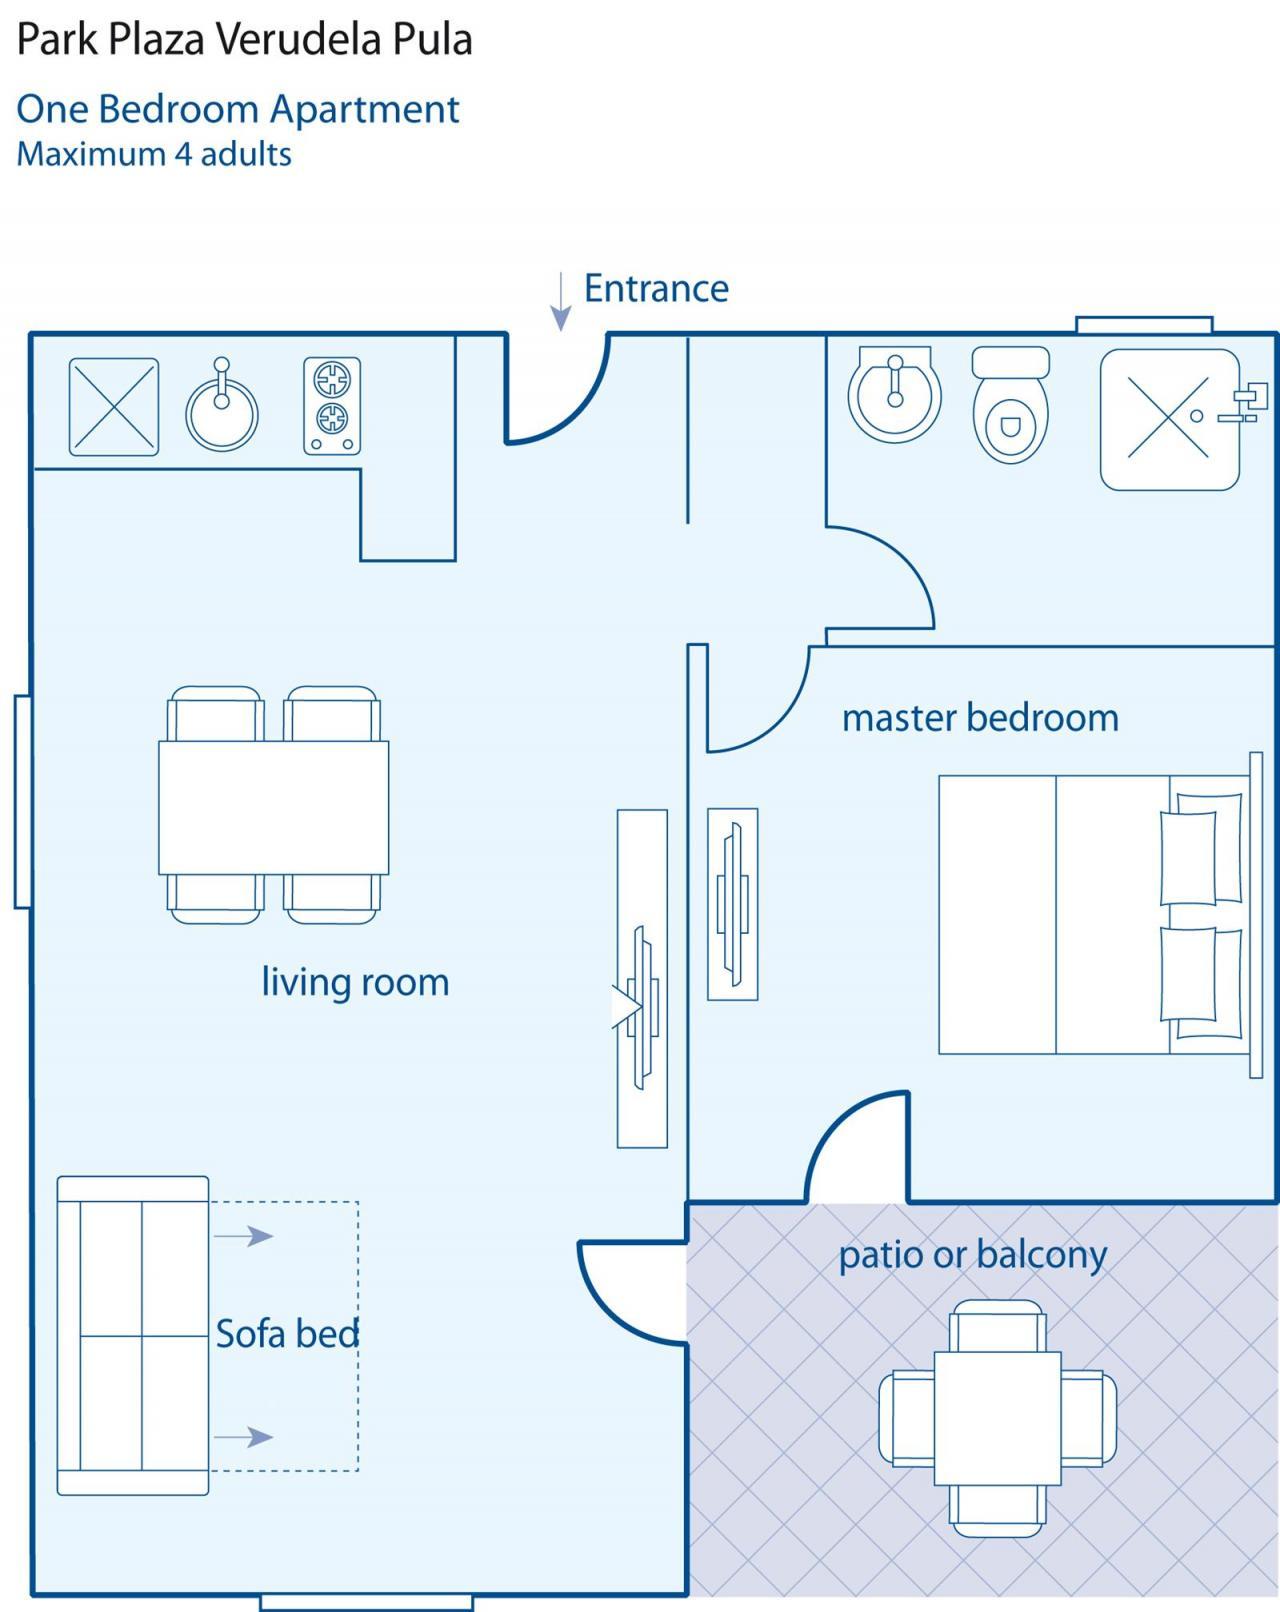 ferienanlage park plaza verudela pula a 2 4 meer. Black Bedroom Furniture Sets. Home Design Ideas